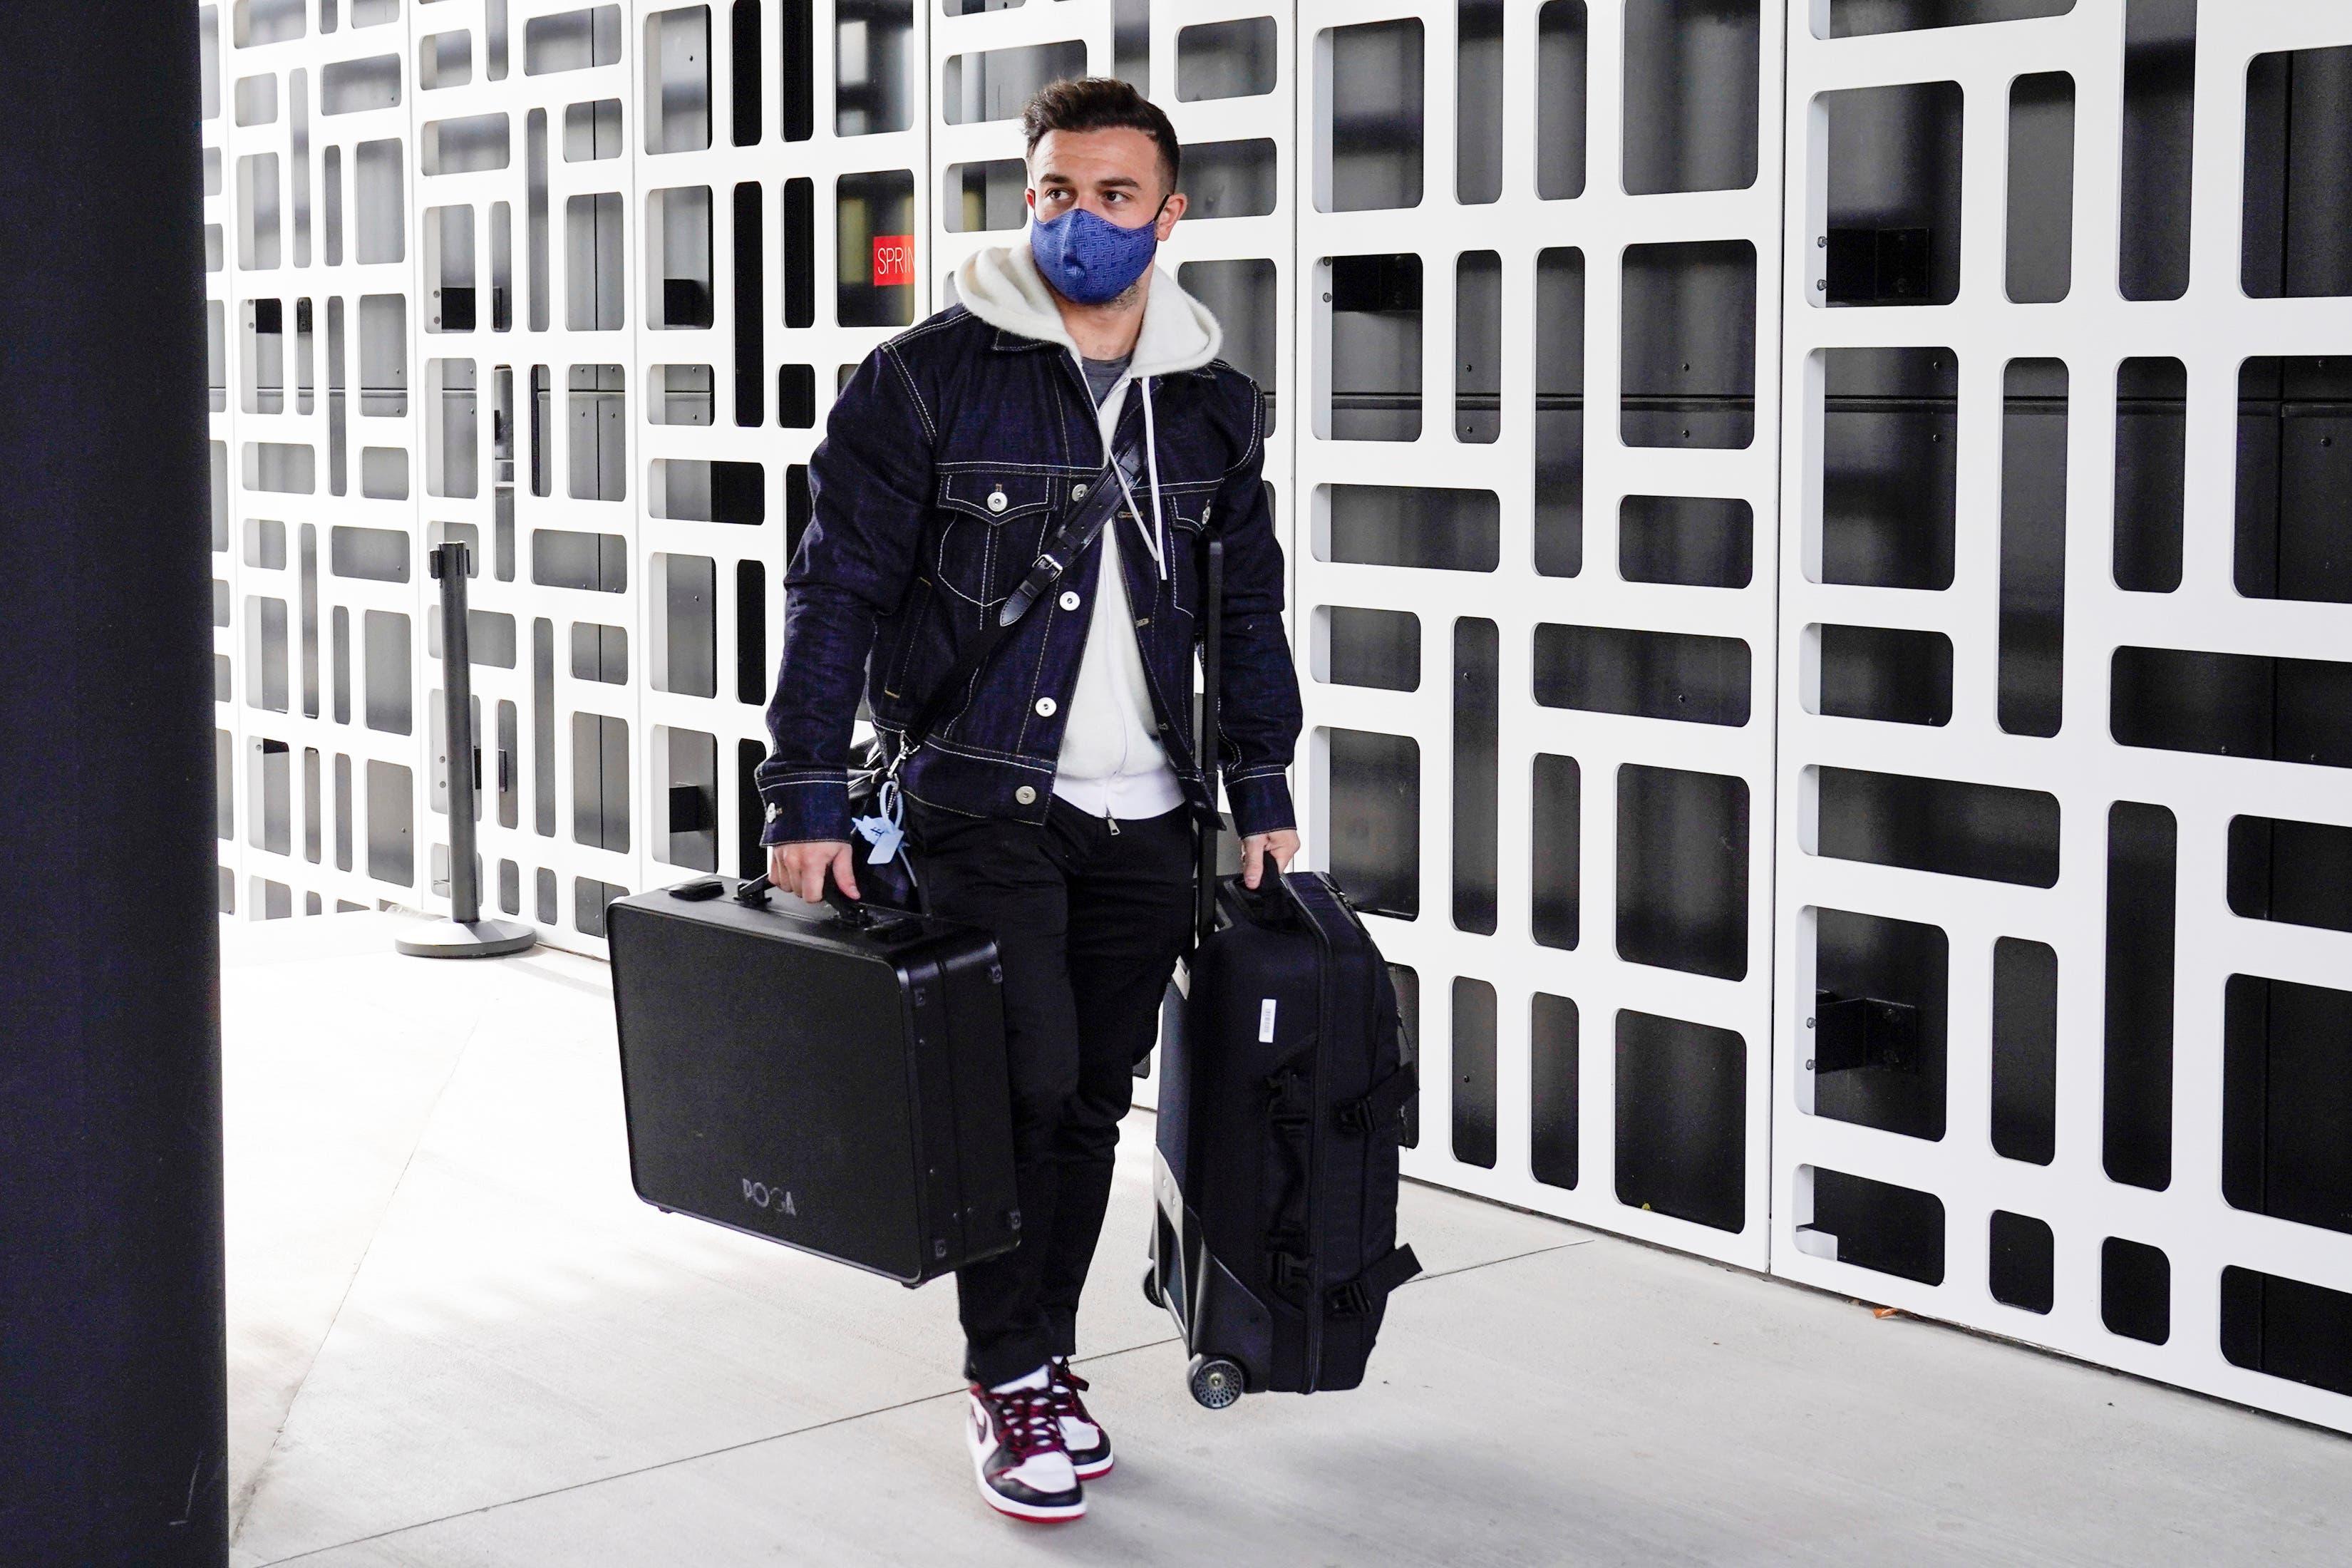 Nach 16-monatiger Absenz ist Xherdan Shaqiri erstmals in die Nationalmannschaft eingerückt: Nun wurde er positiv auf Corona getestet und verpasst die Spiele der Nati.